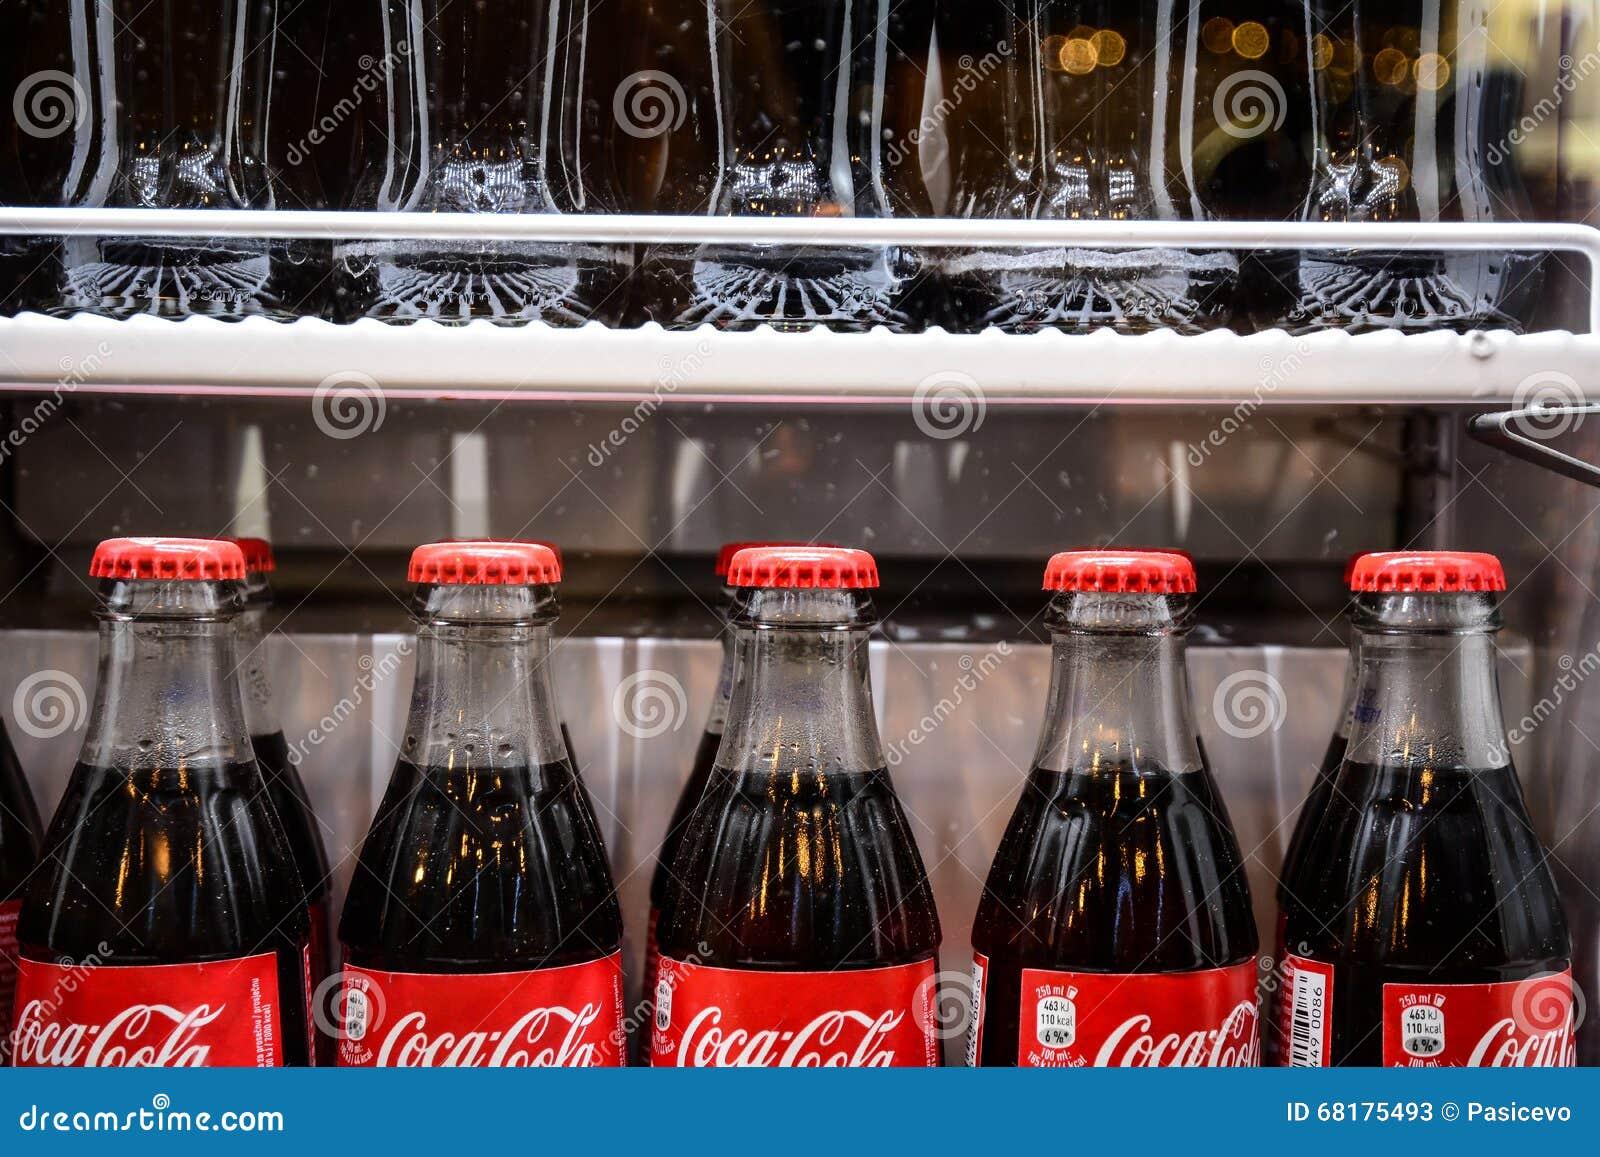 Kühlschrank Coca Cola : Flaschen des berühmten getränks der coca cola im kühlschrank